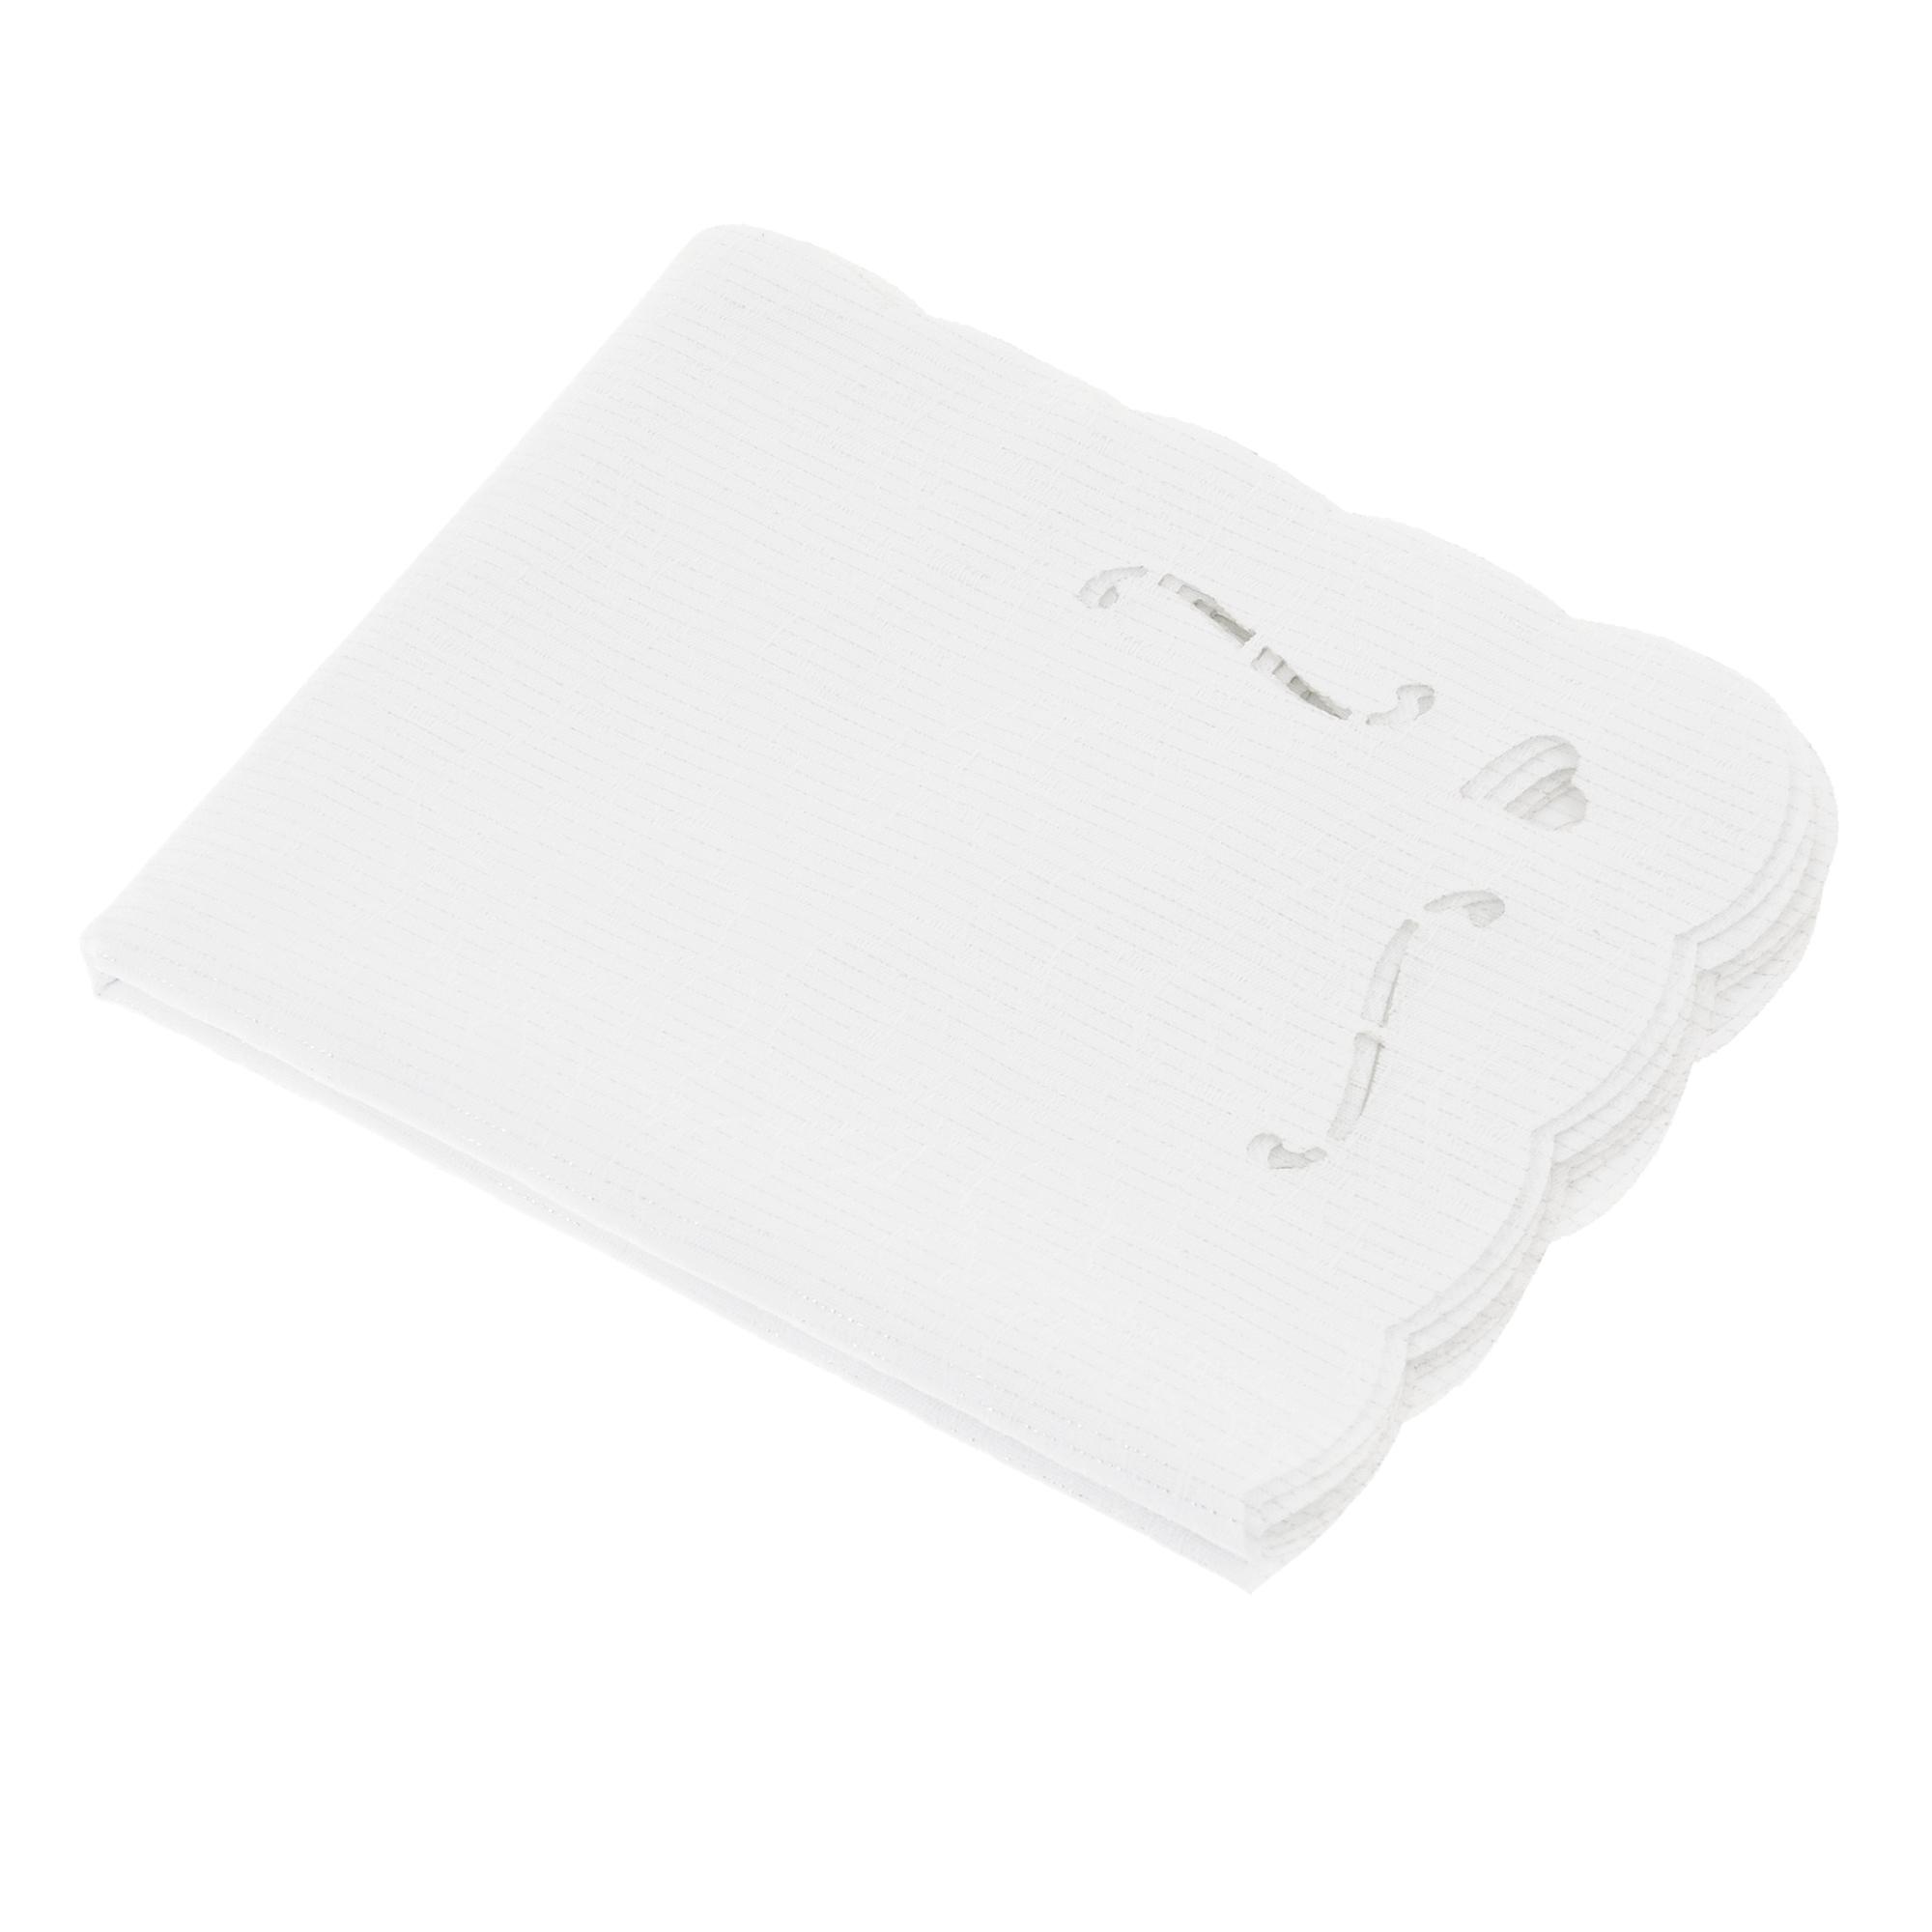 Набор 4шт салфетки под горячее белые Morbiflex casa фото